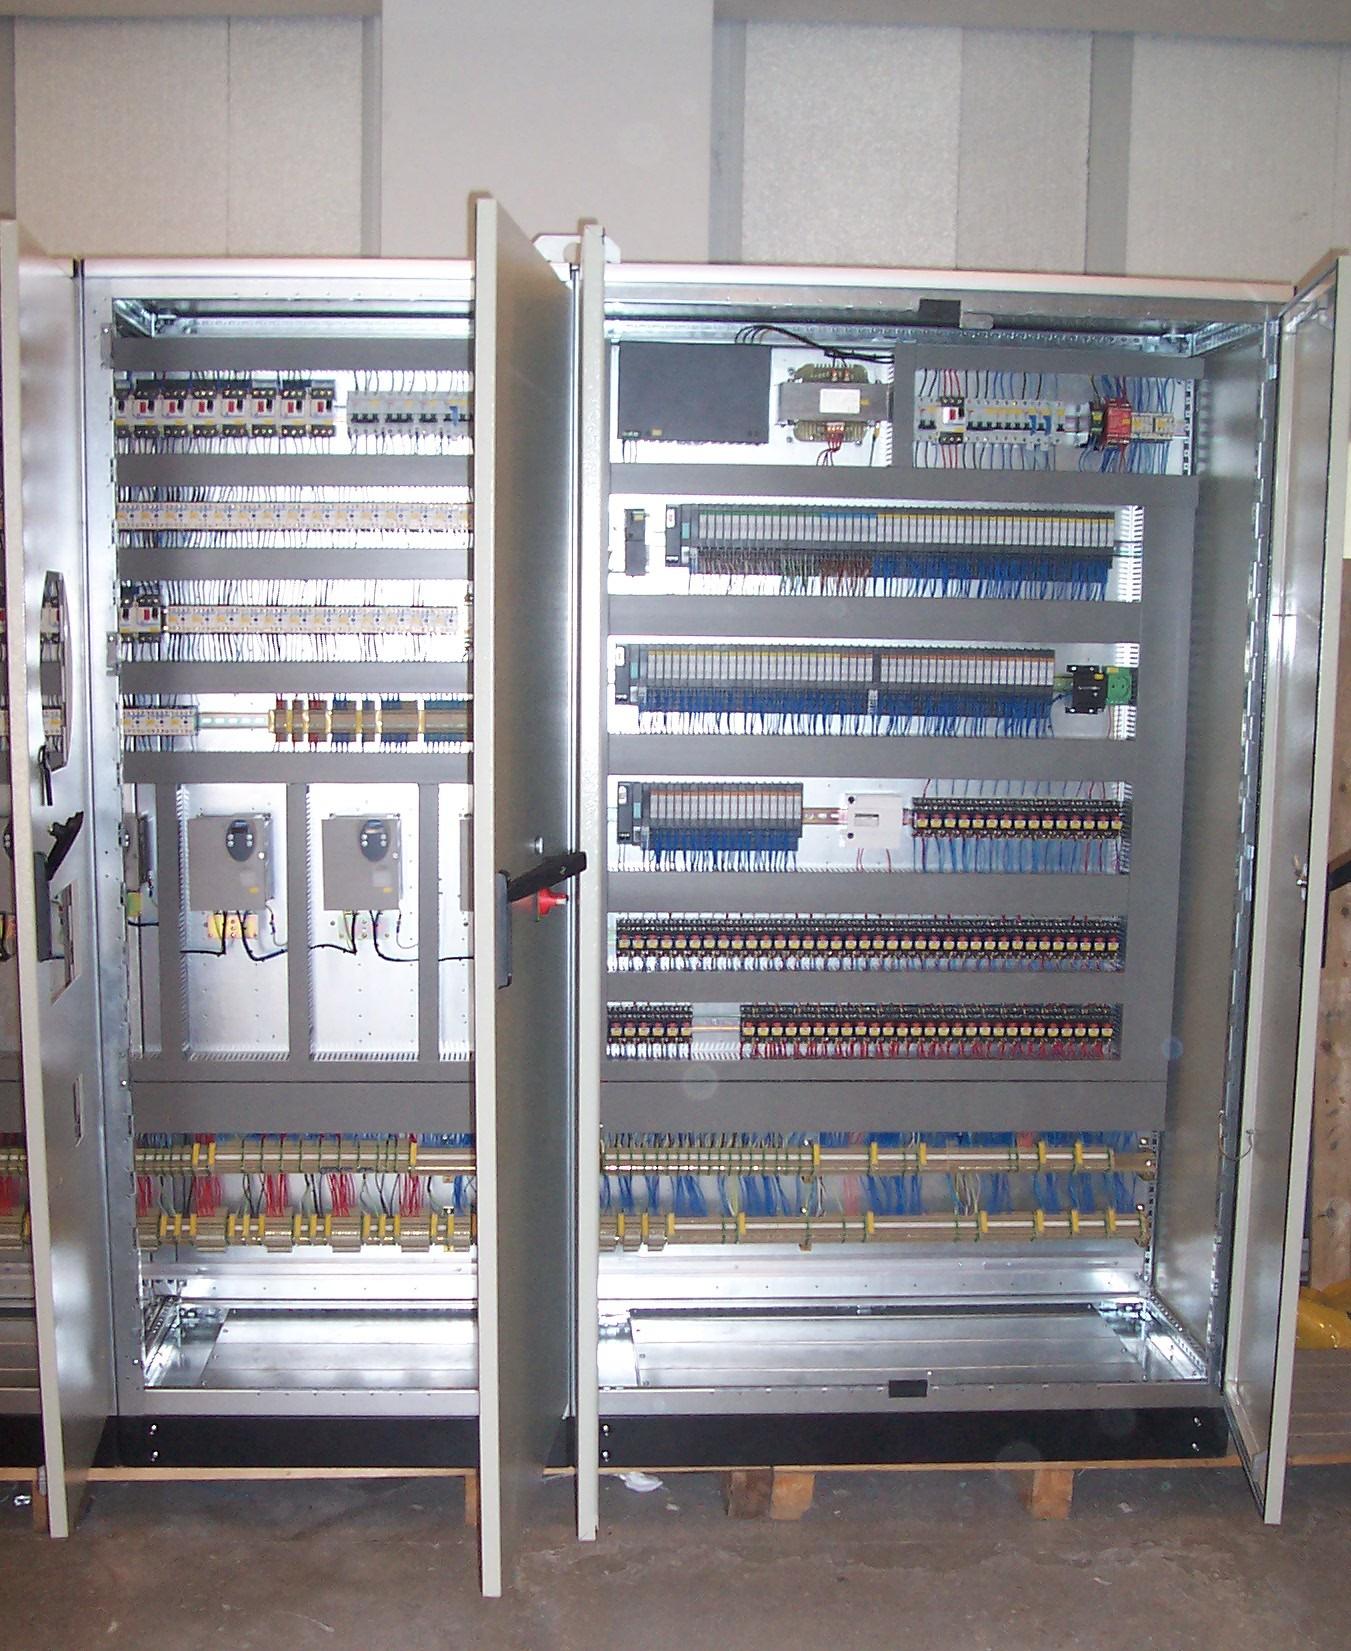 Ram, Sanfor Makinaları Otomasyon Panoları_1